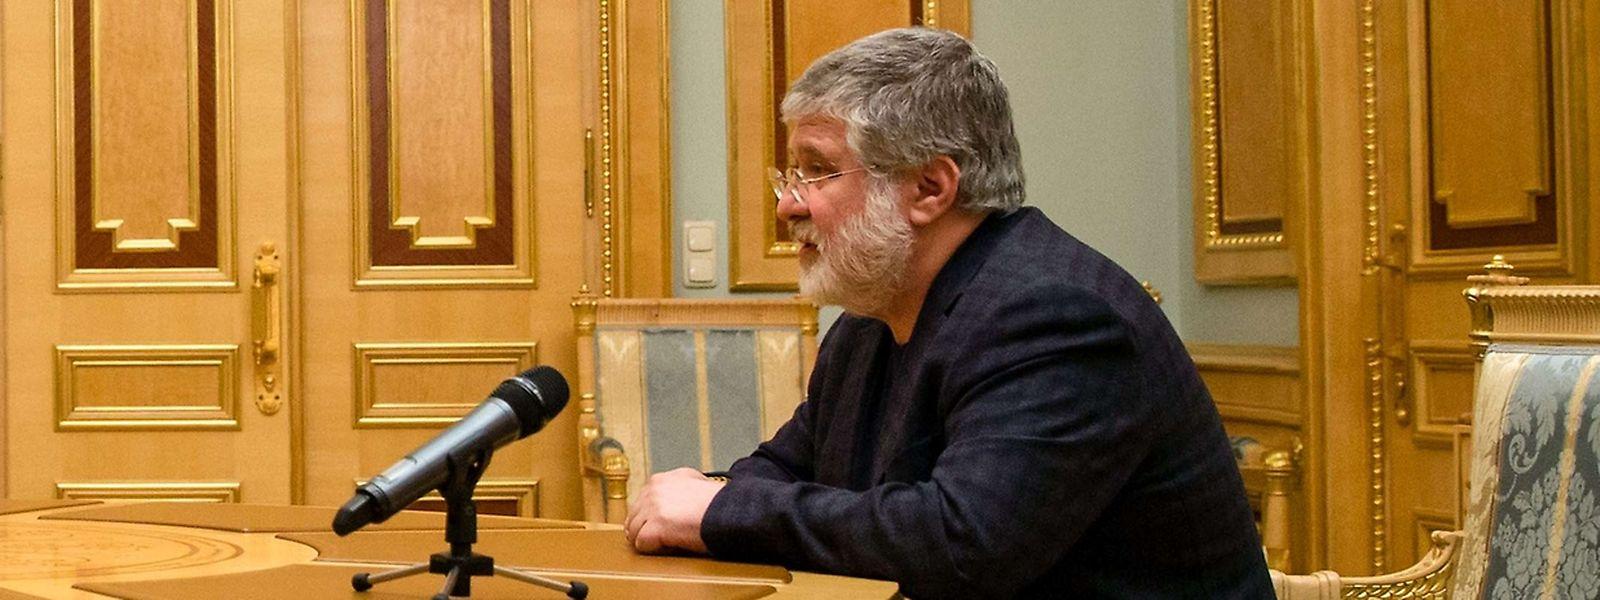 Ihor Kolomoiskyj - milliardenschwerer Unternehmer und vermeintlicher Strippenzieher hinter den Kulissen.